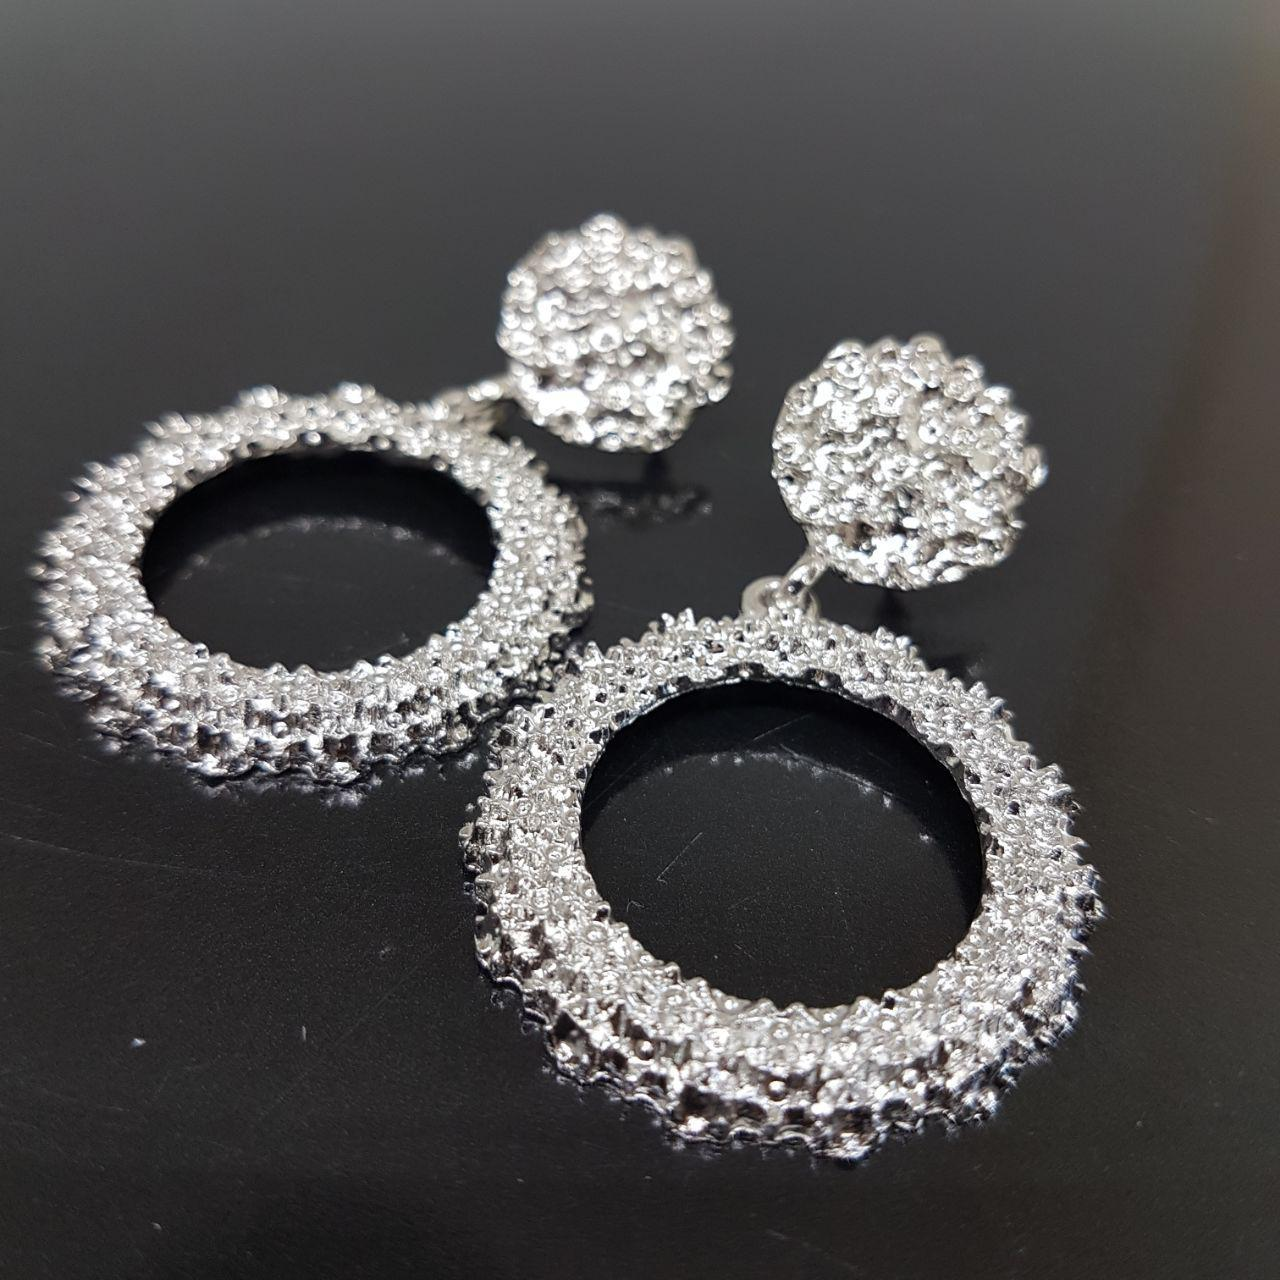 Серьги женские круглые в стиле Zara серебро (Vit-krug-silv)